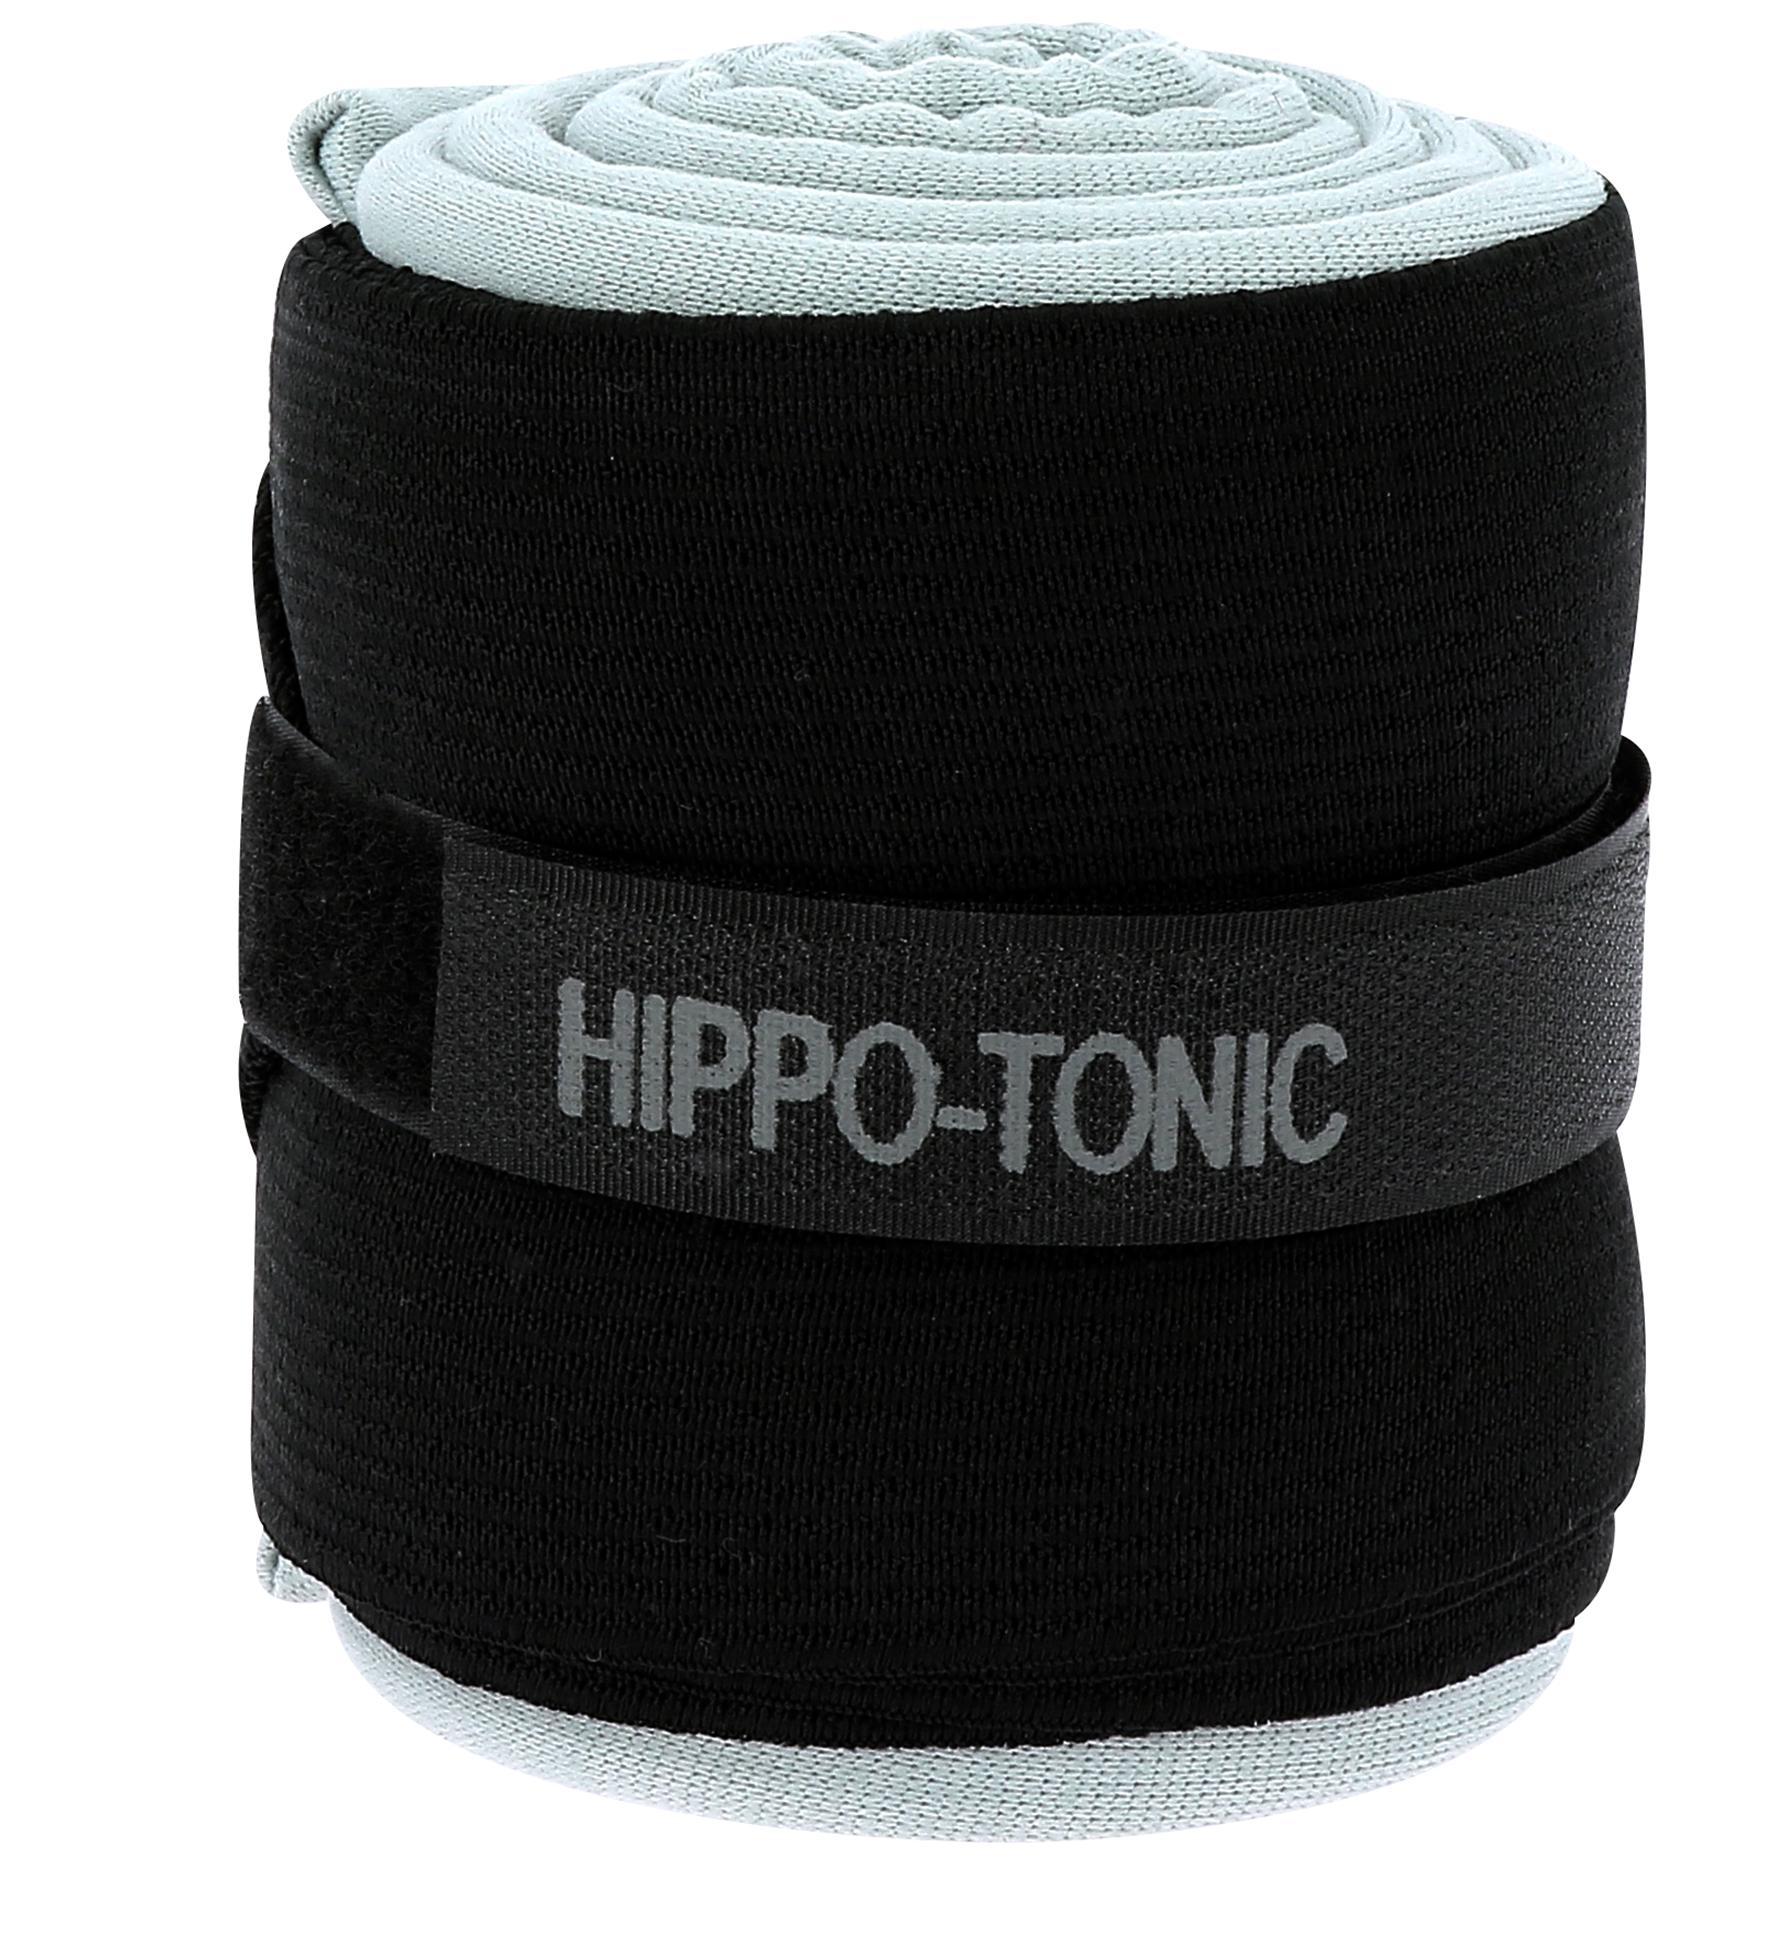 Hippo Tonic - Bandage